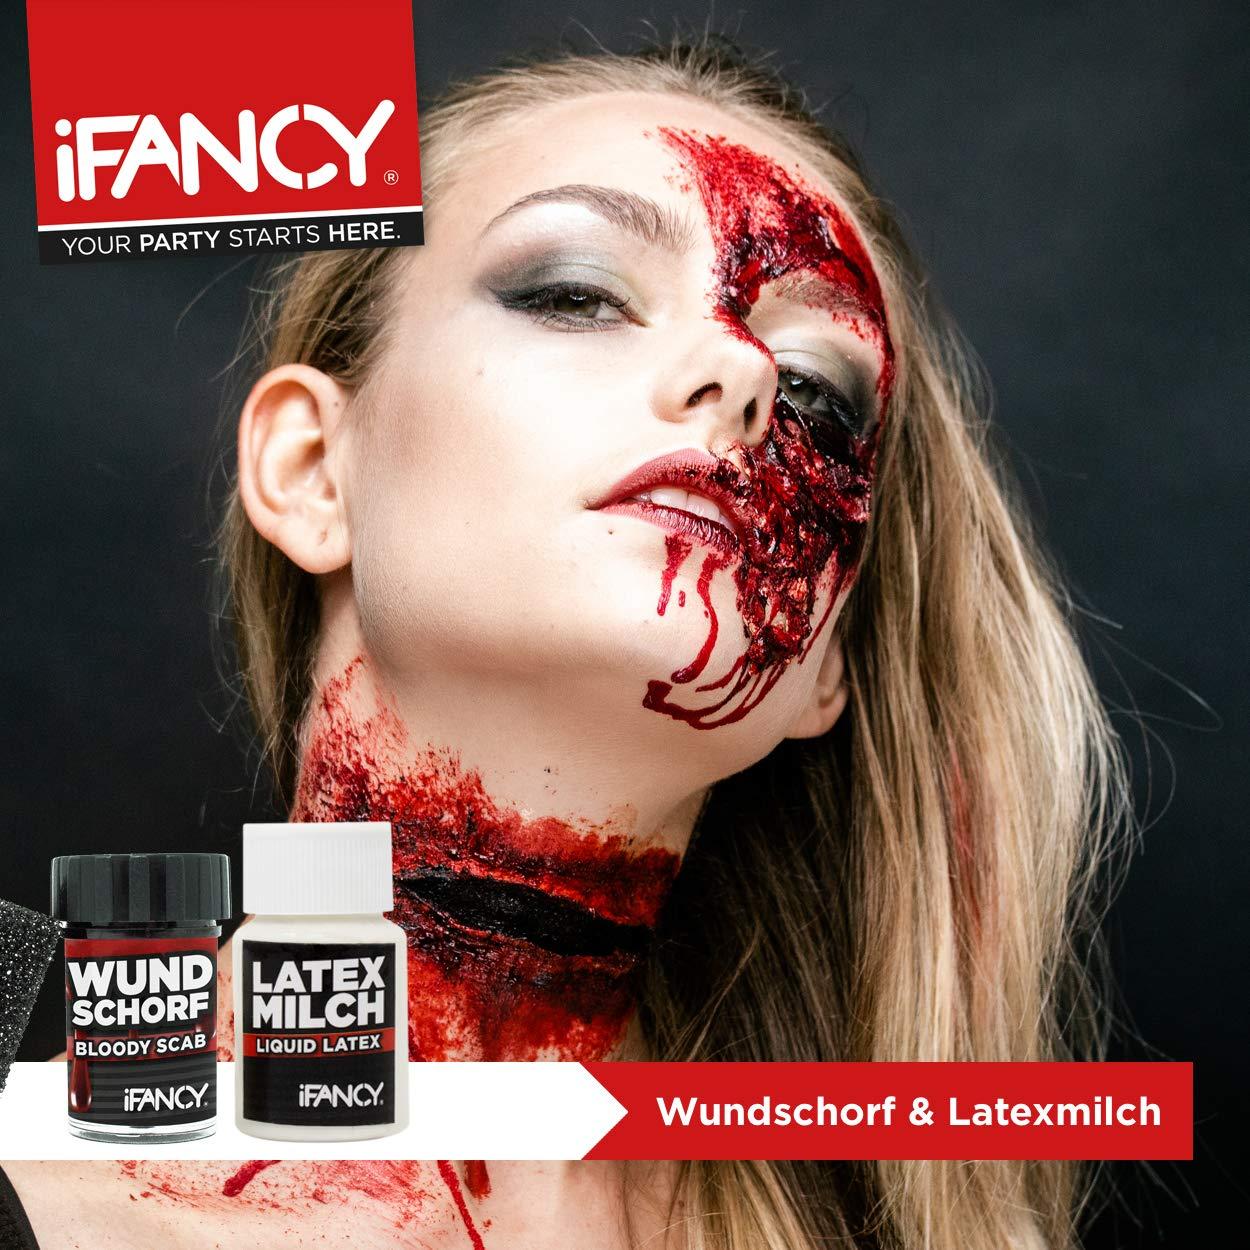 Ifancy Zombie Makeup Set Wundschorf Blut Latexmilch Zum Wunden